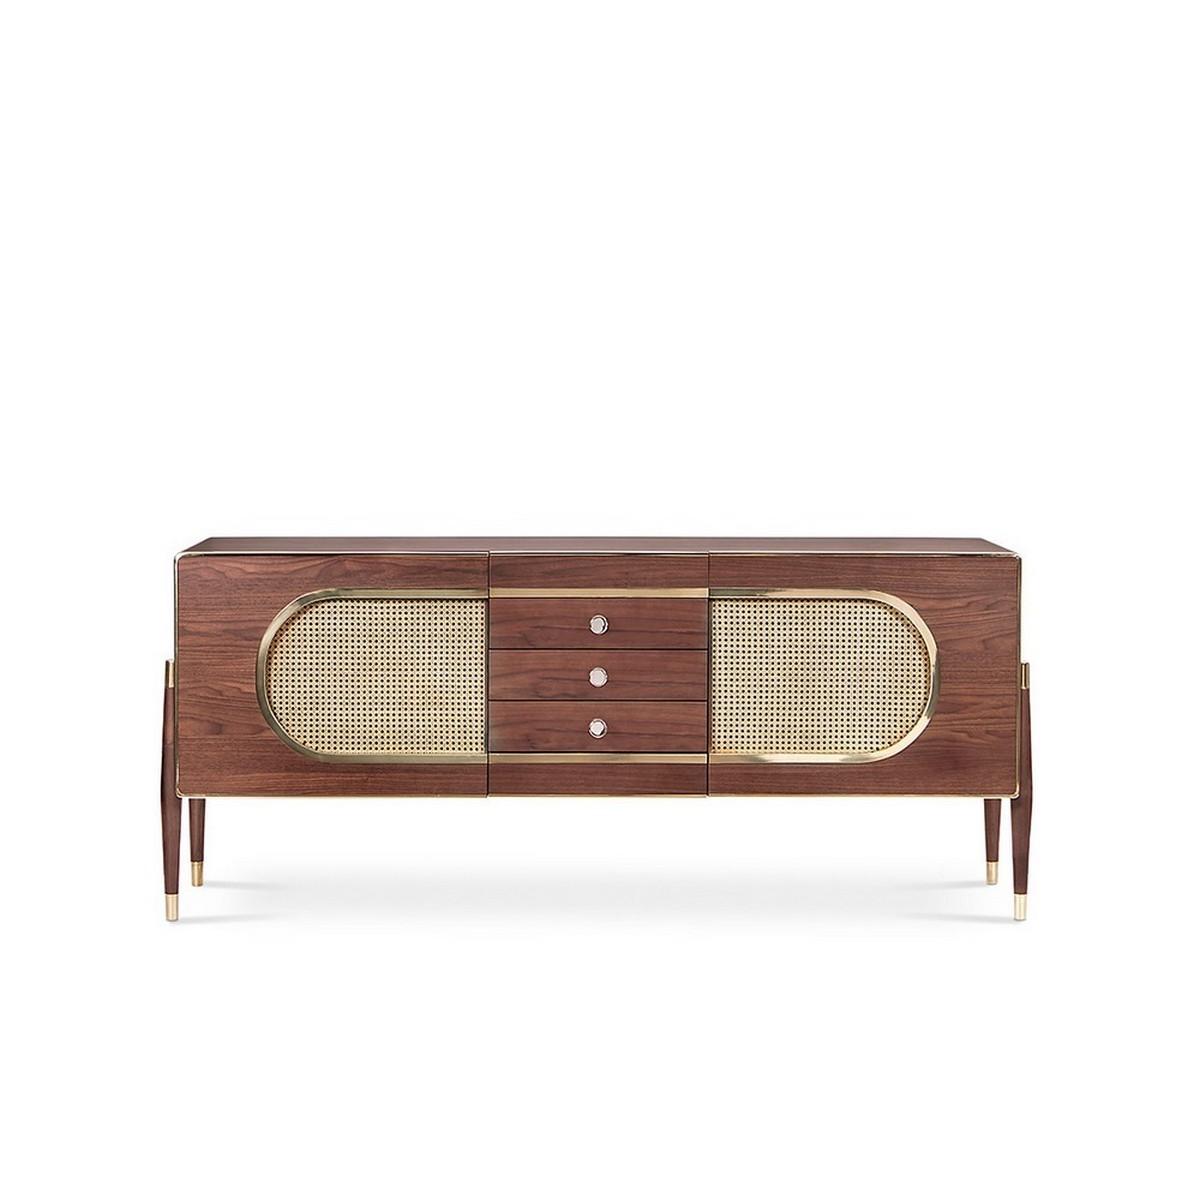 Diseño de Aparadores: Ideas para cualquier proyecto lujuoso y exclusivo diseño de aparadores Diseño de Aparadores: Ideas para cualquier proyecto lujuoso y exclusivo dandy sideboard essential home 01